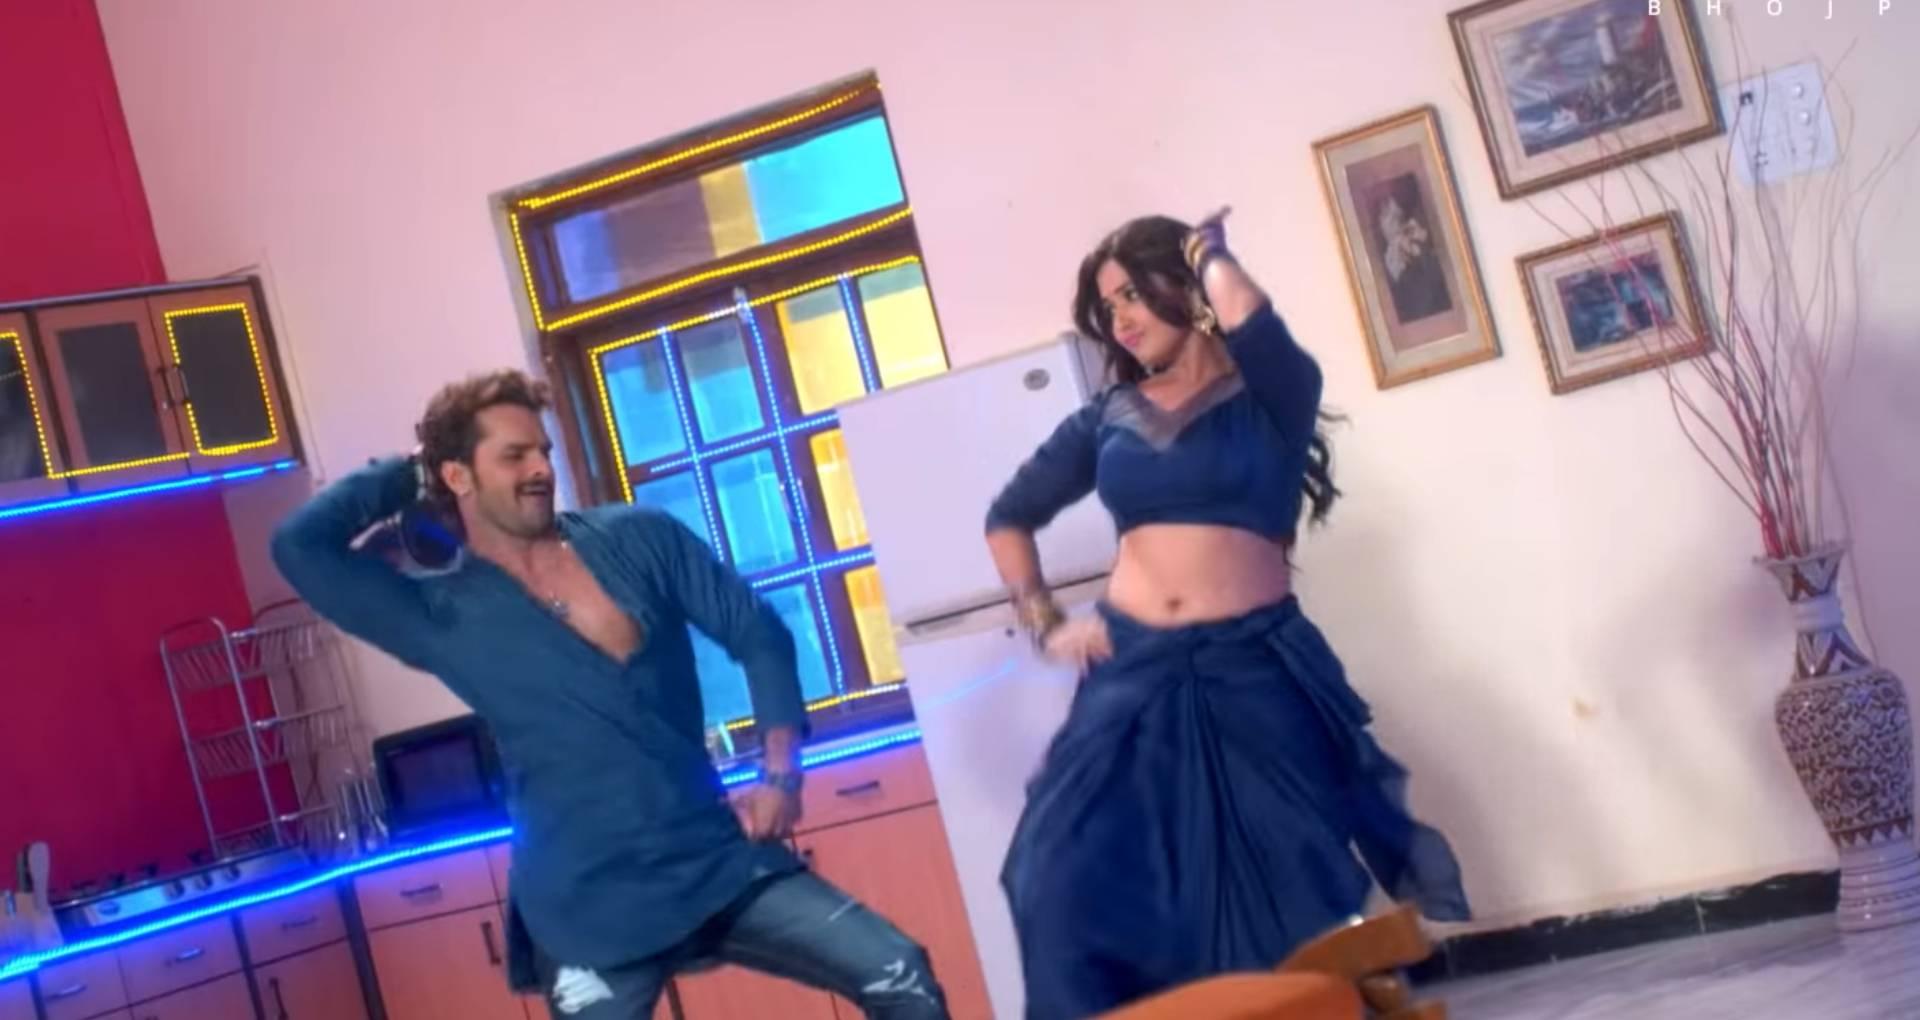 Aahoo Eh Oriya Song: रोमांस और मस्ती से भरा है काजल राघवानी-खेसारी लाल यादव का ये सॉन्ग, देखिए सबसे हिट गाना